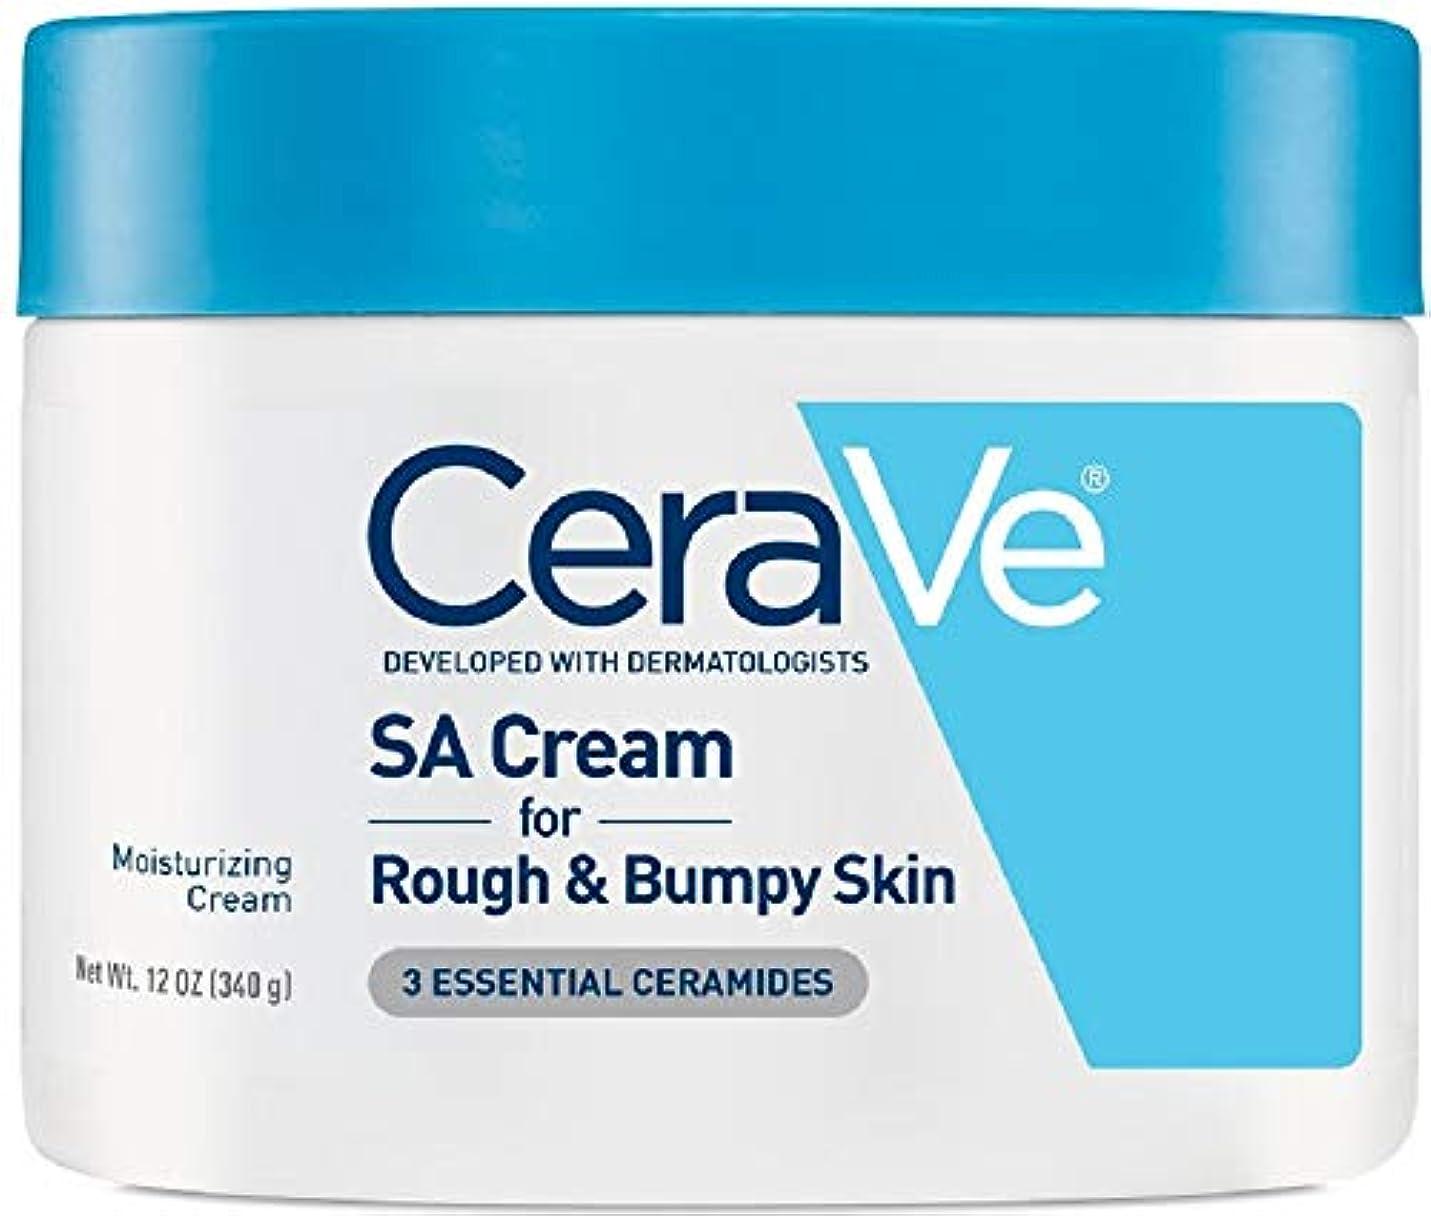 召喚する耐久暖炉海外直送品Cerave CeraVe Renewing SA Cream, 12 oz